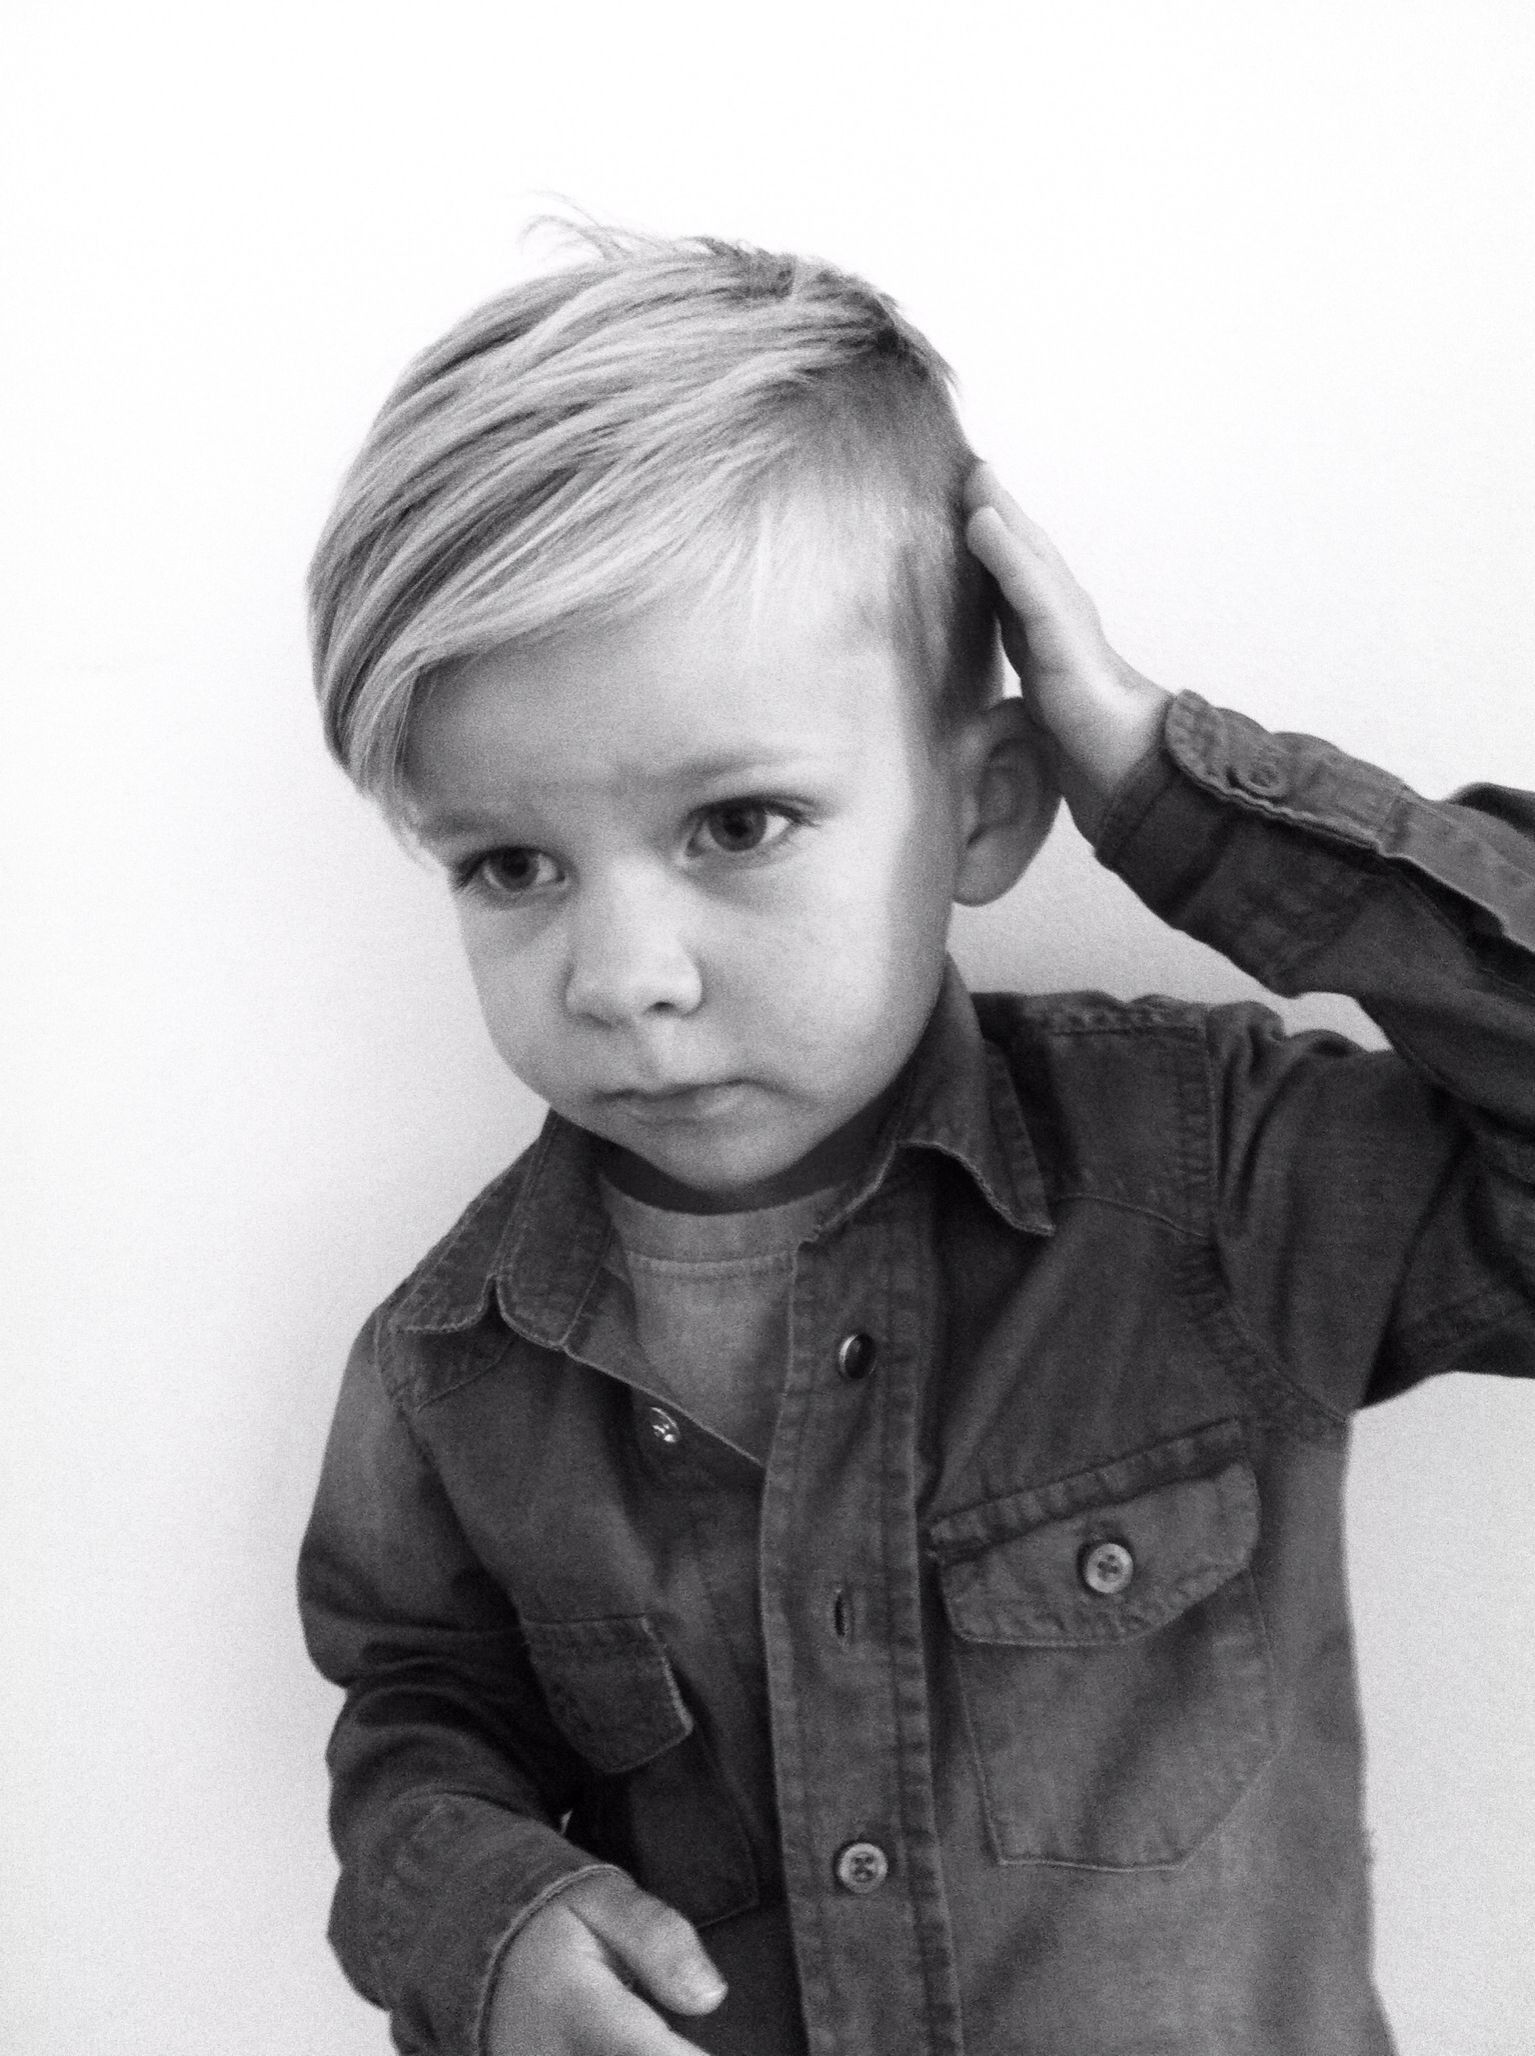 Kleinkind Frisur Junge Luxury Frisuren Frisuren Pinterest Jungs